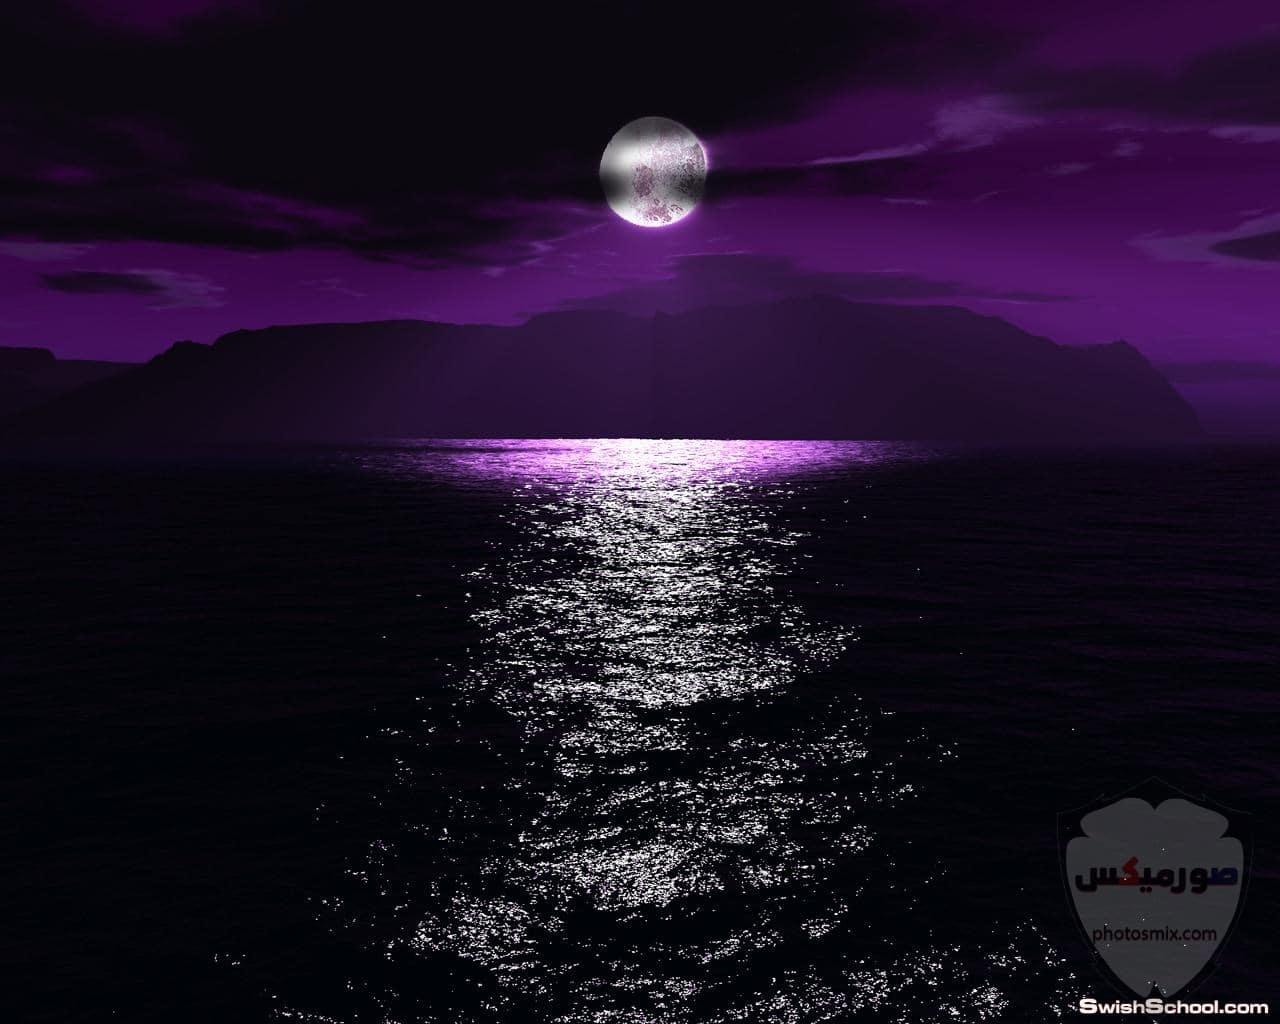 صور القمر العملاق رمزيات عن القمر العملاق صور قمر وسط النجوم 6